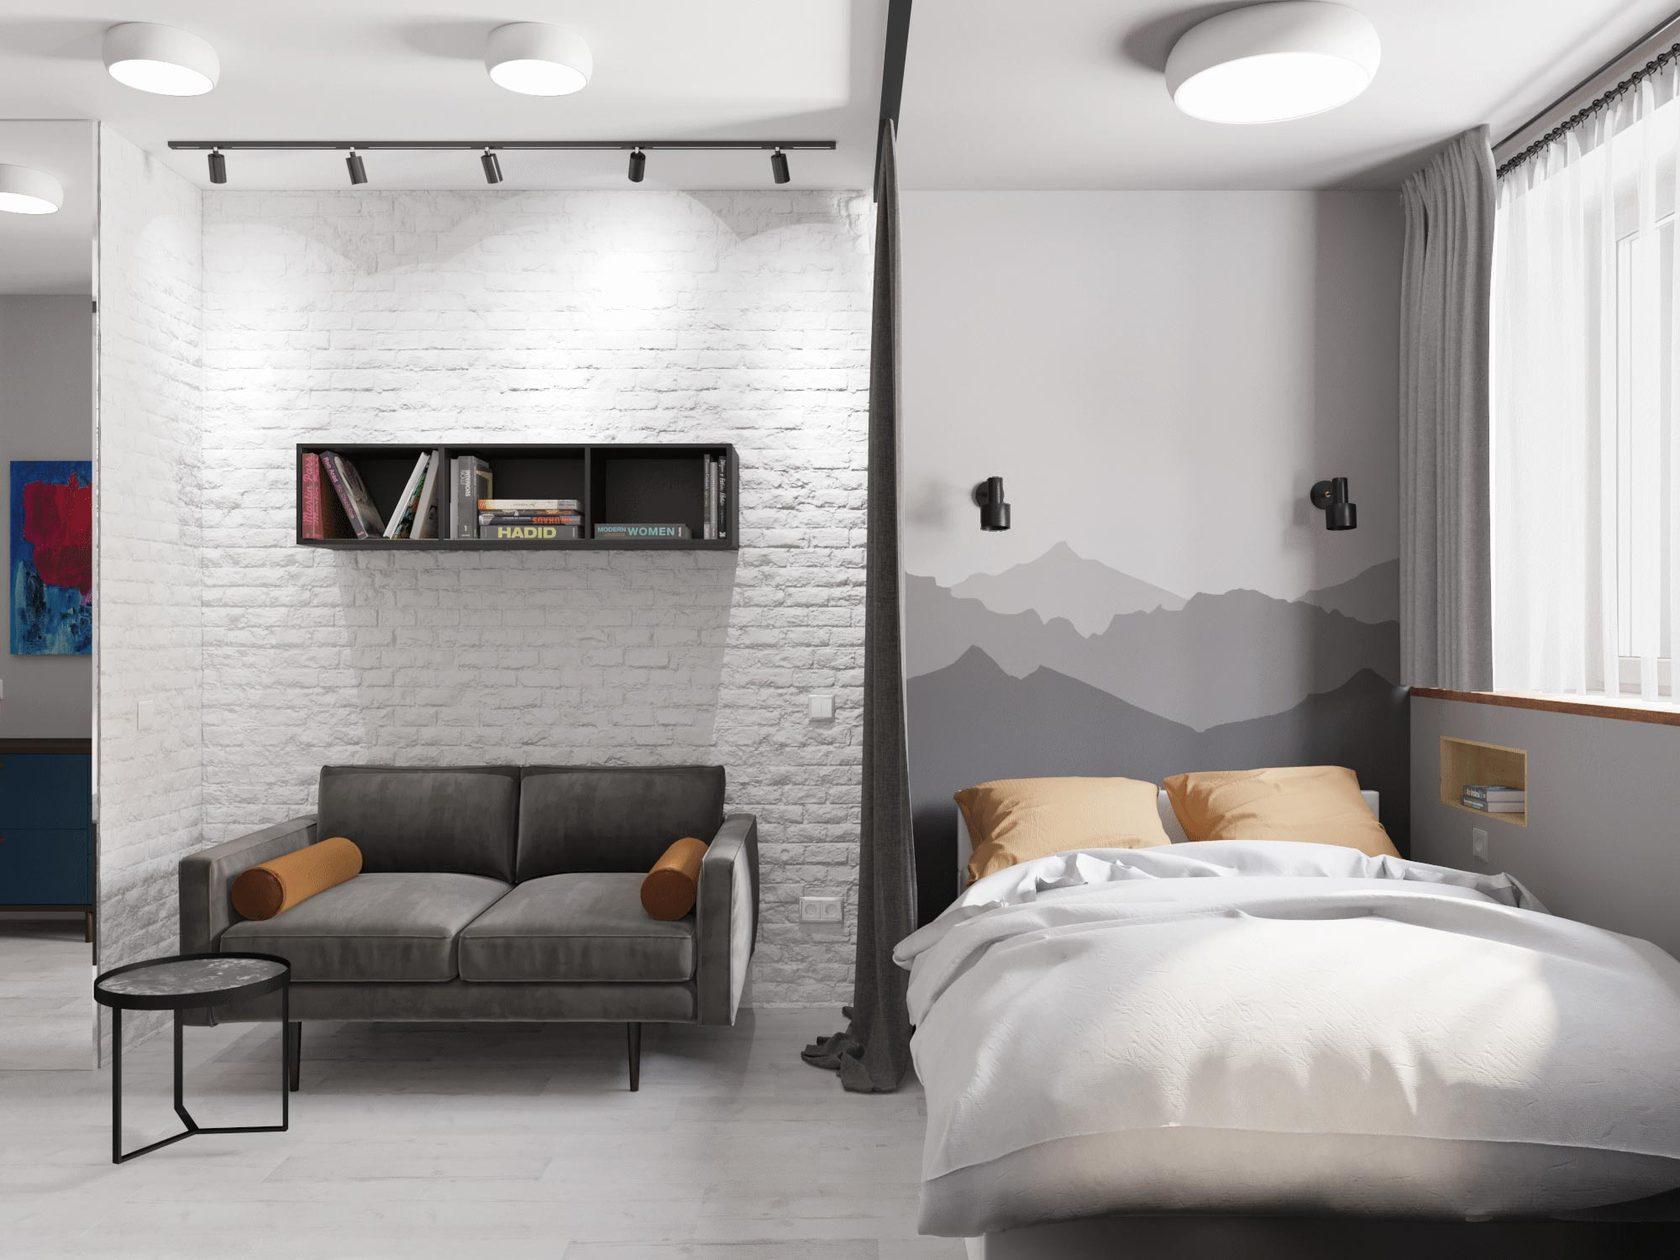 Делать ли дизайн квартиры перед началом ремонта? - Страница 3 Dizayn-odnokomnatnoy